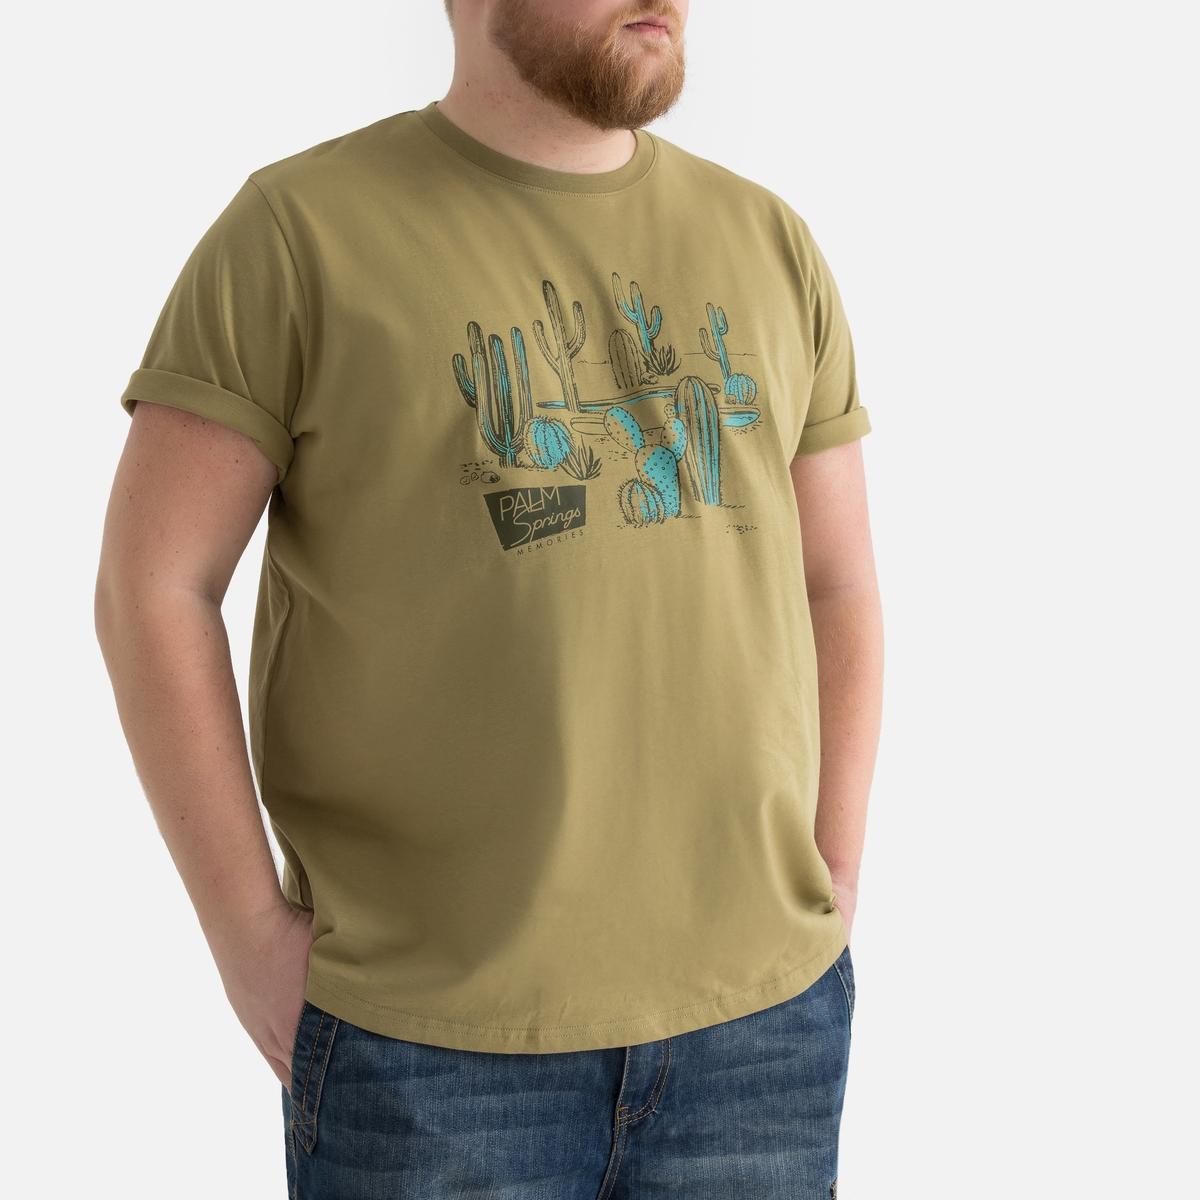 T-shirt de tamanhos grandes, gola redonda, estampado